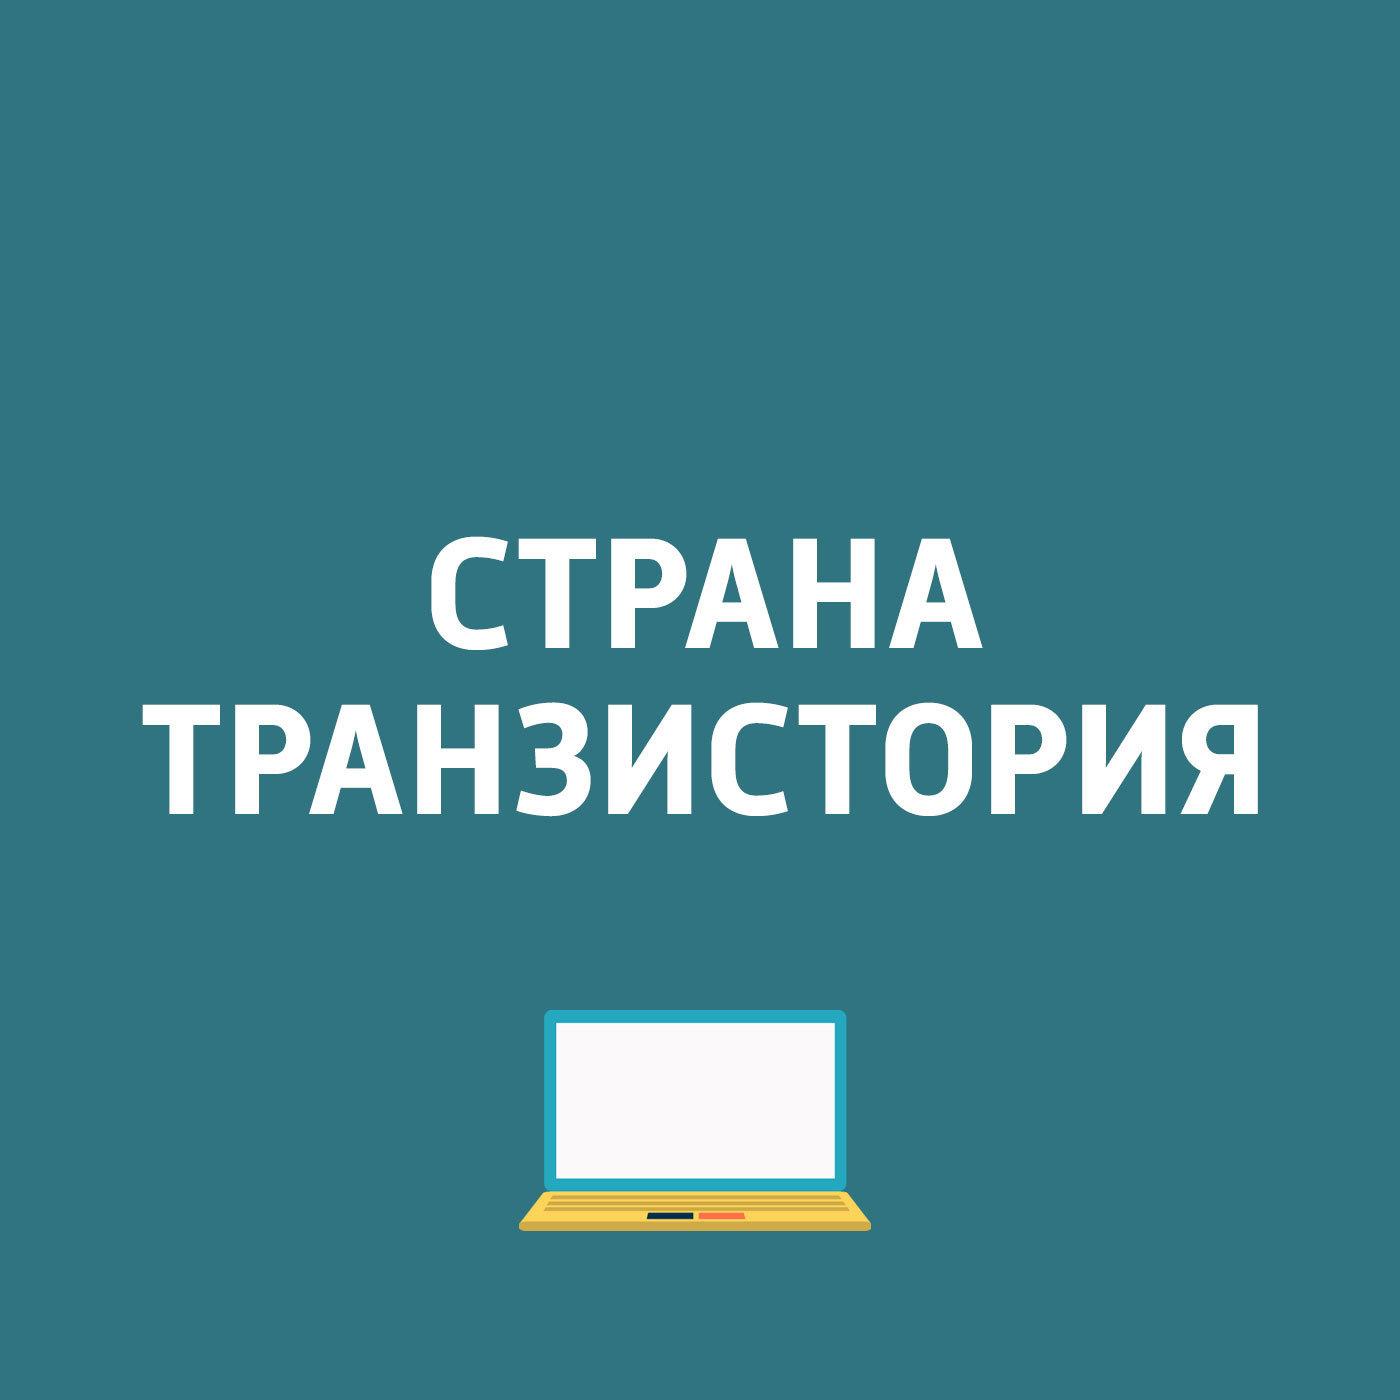 Картаев Павел Отечественный ноутбук ЕС1866 на основе микропроцессора Эльбрус 1С+; Старт продаж смарт-колонки Яндекс.Станции; Открыт предзаказ на Monster Hunter: World ноутбук яндекс